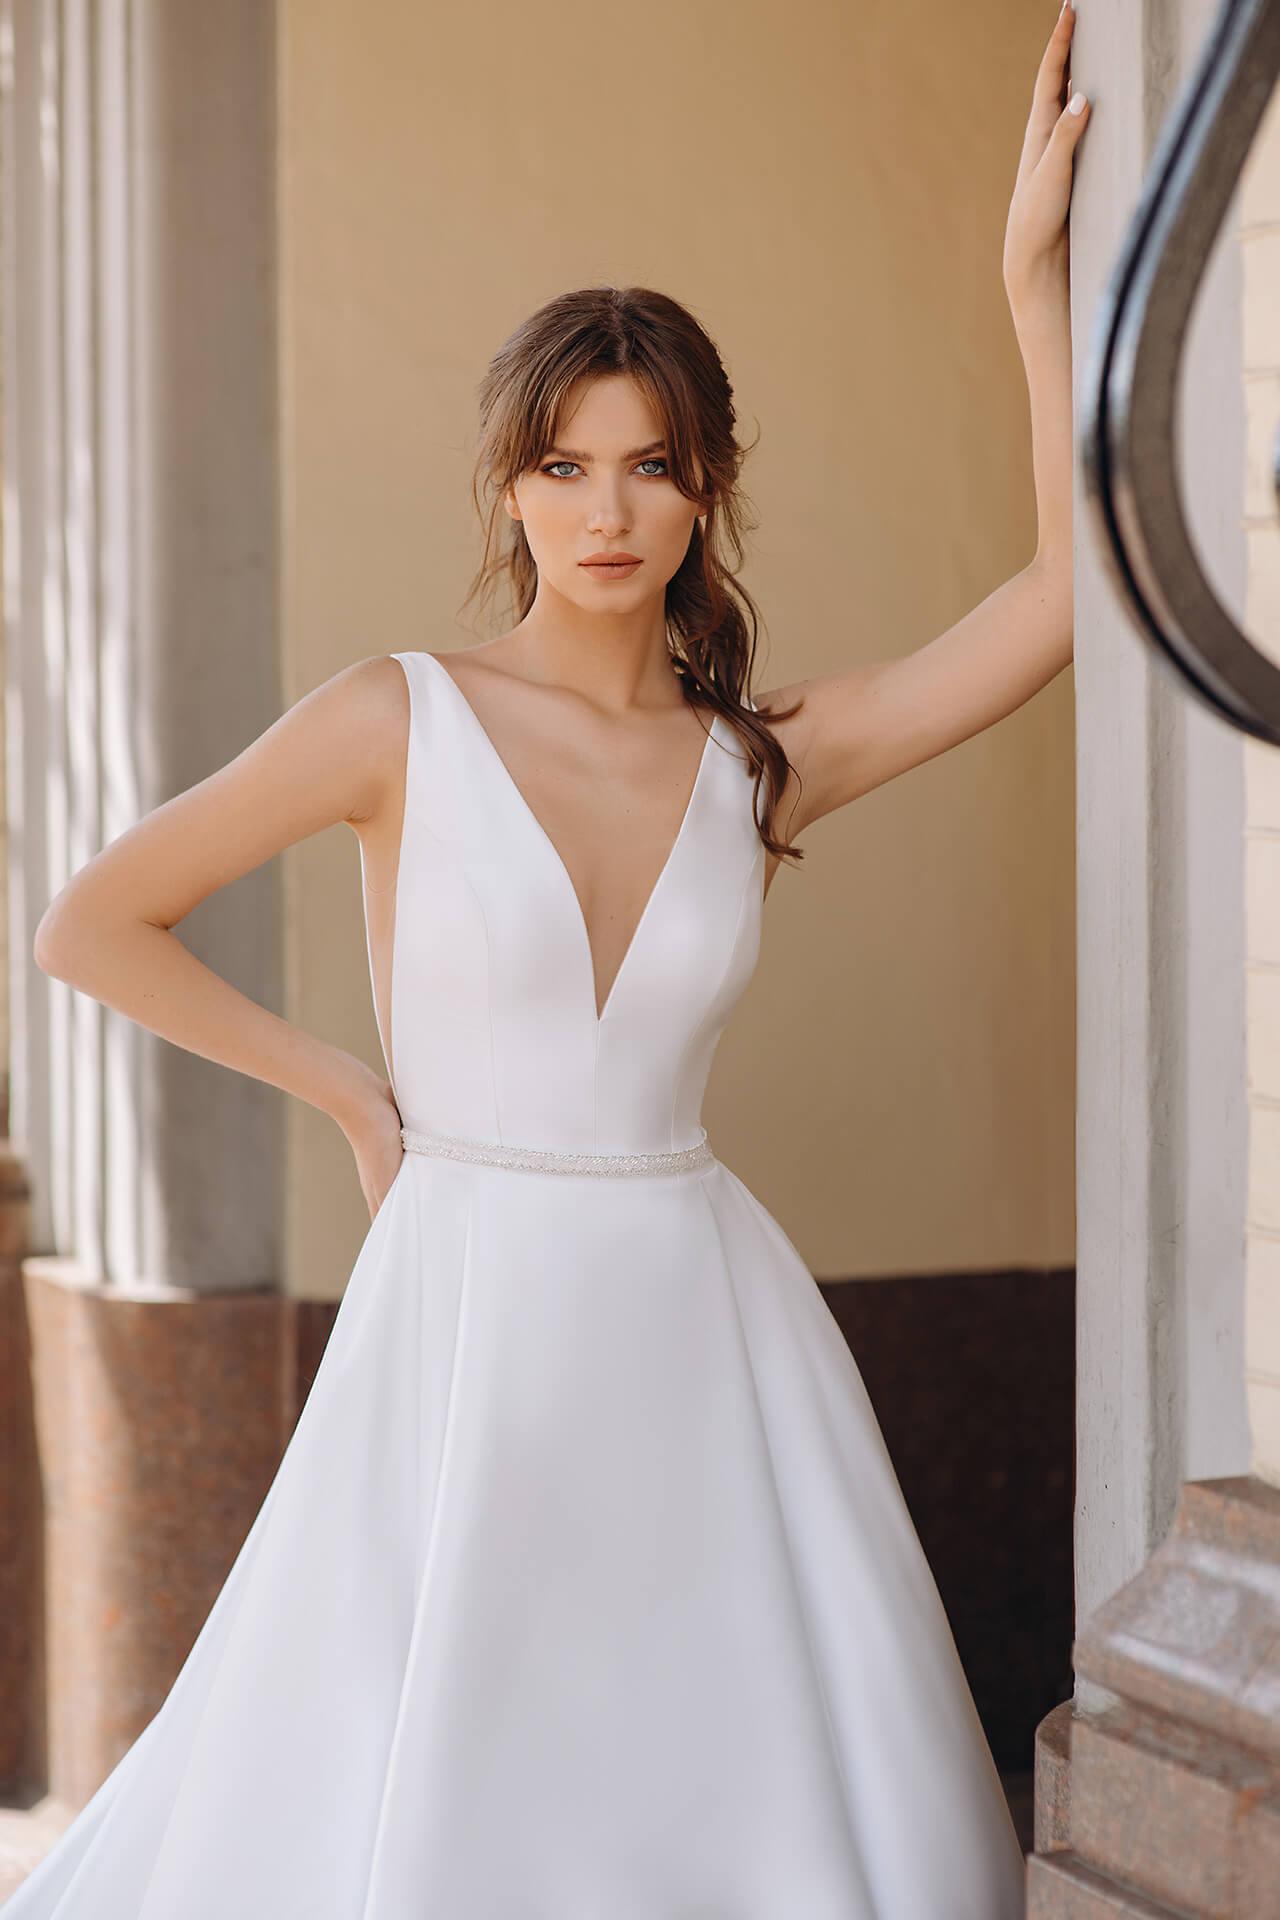 Свадебное платье Tiffany, Коллекция Laurette, Anne-Mariée